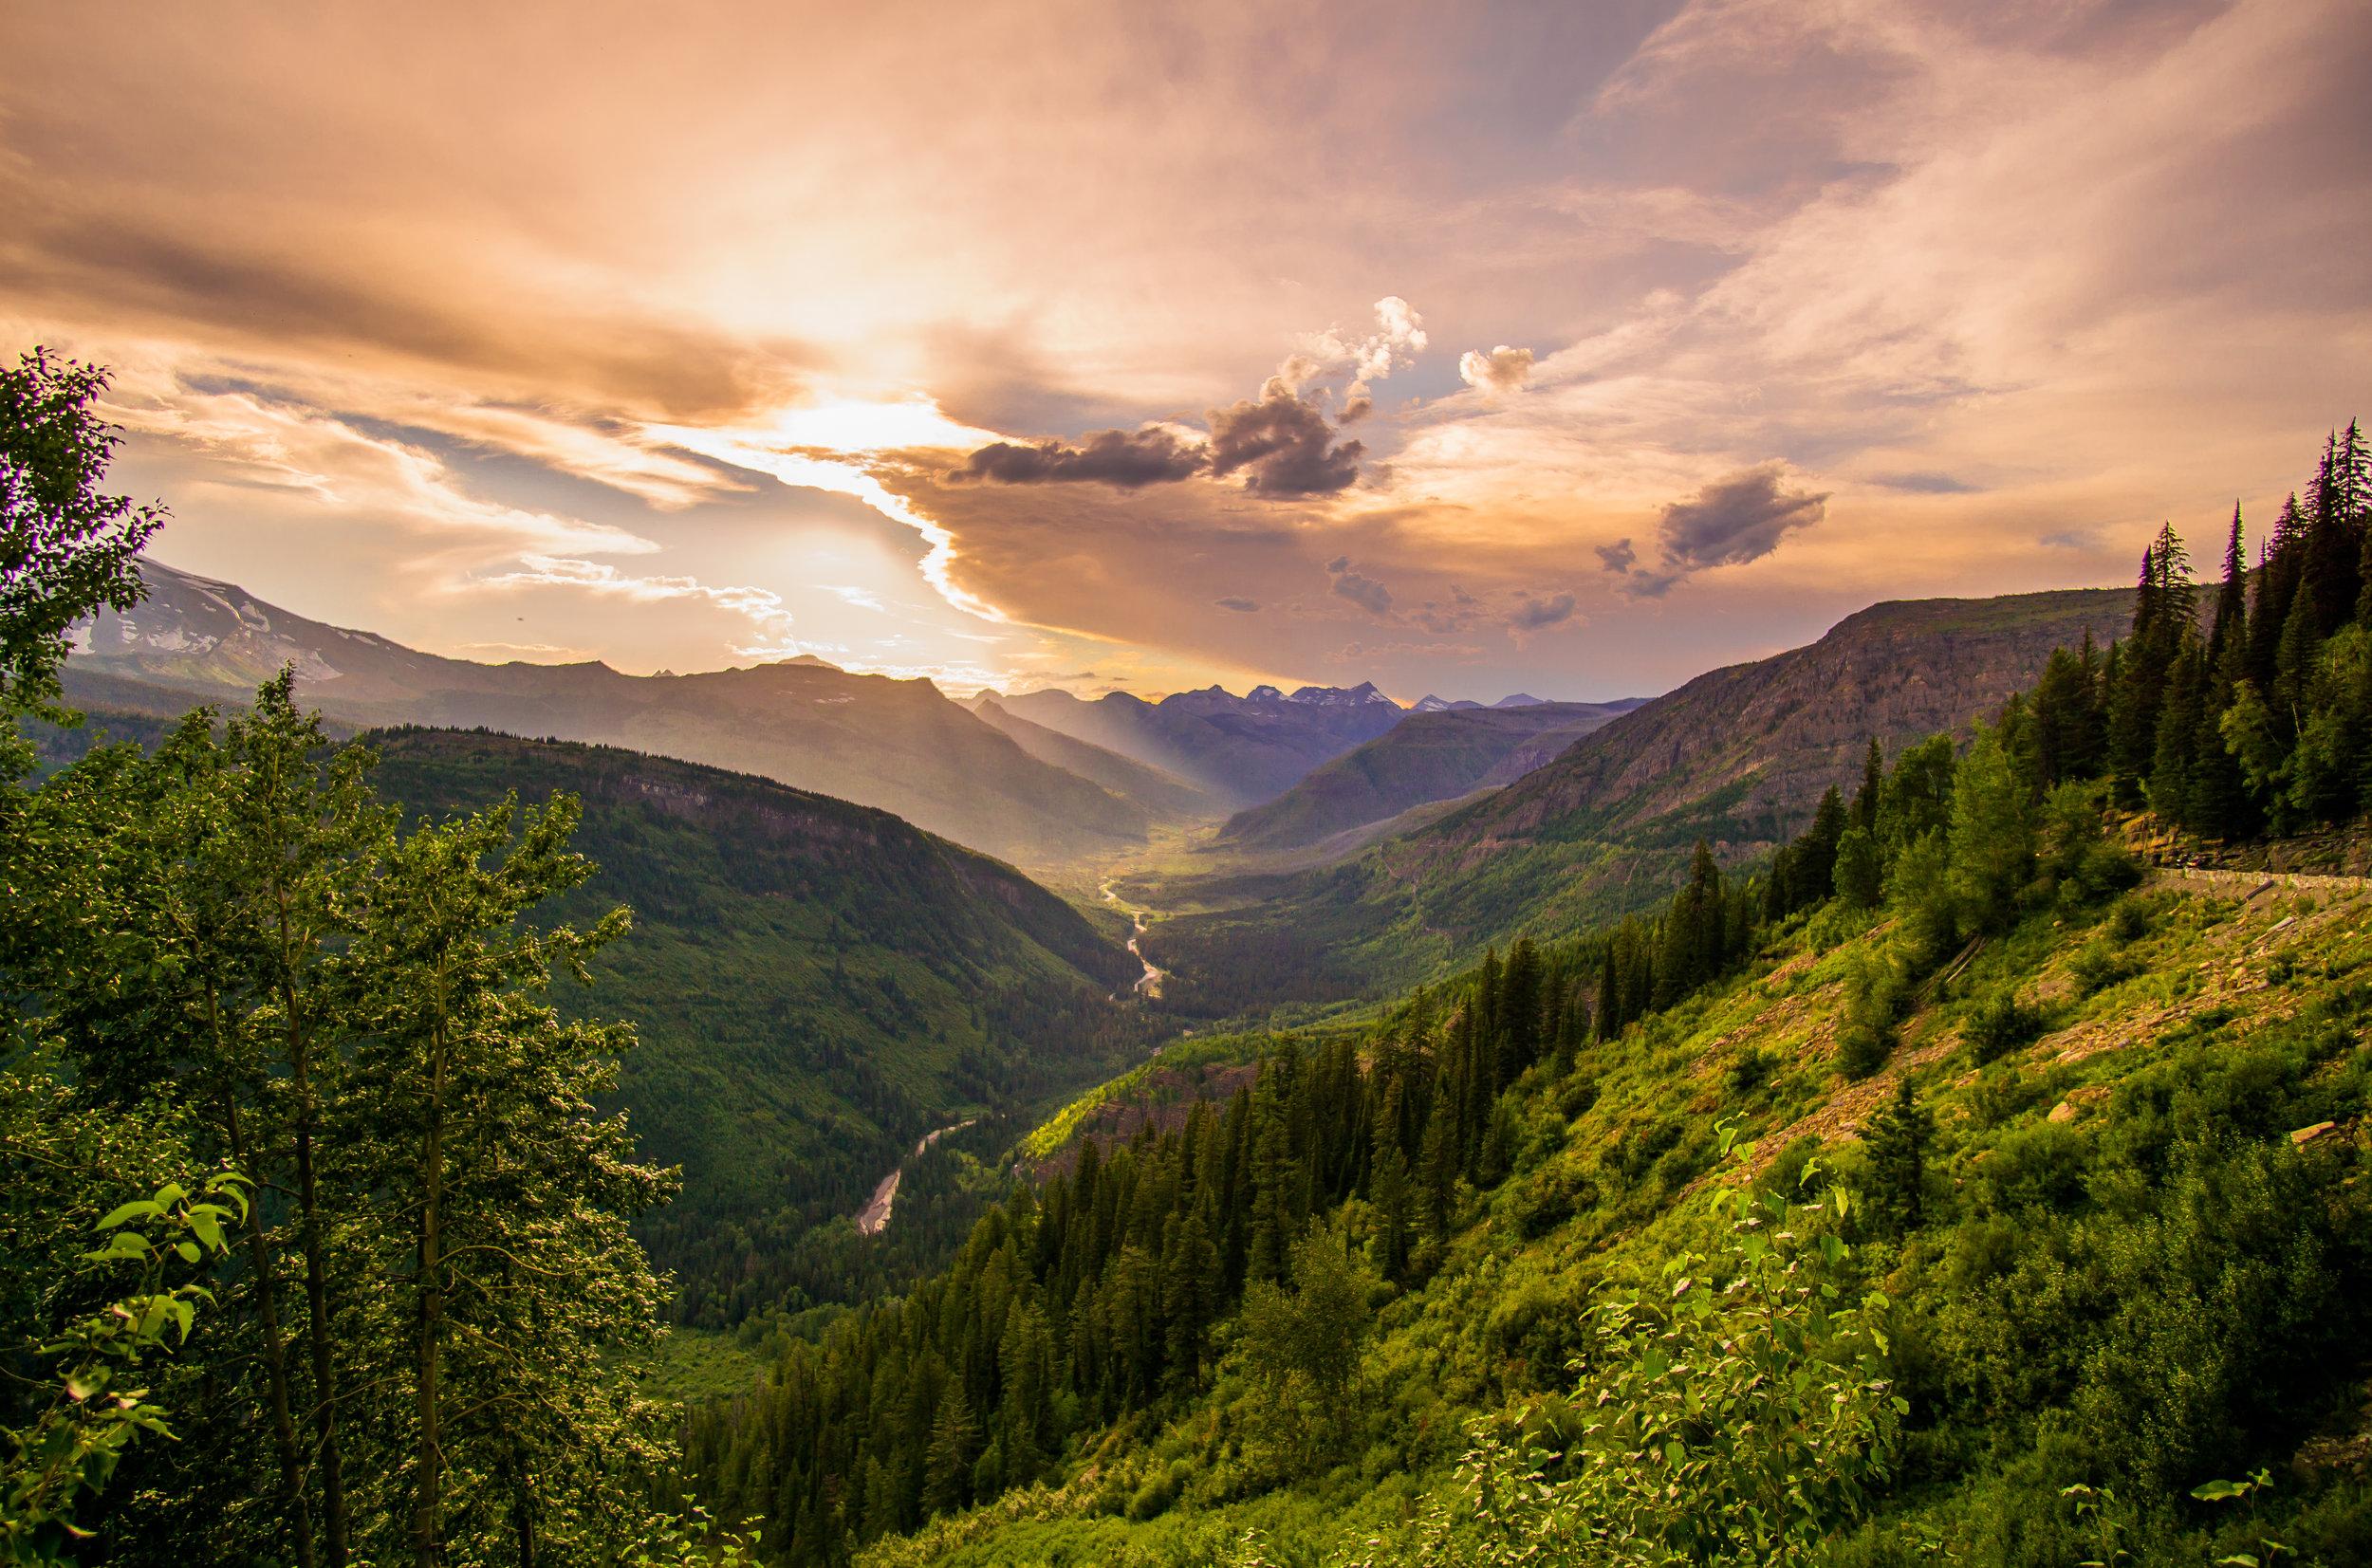 montana & glacier national park - Monday, July 20 - Monday, July 27, 2020